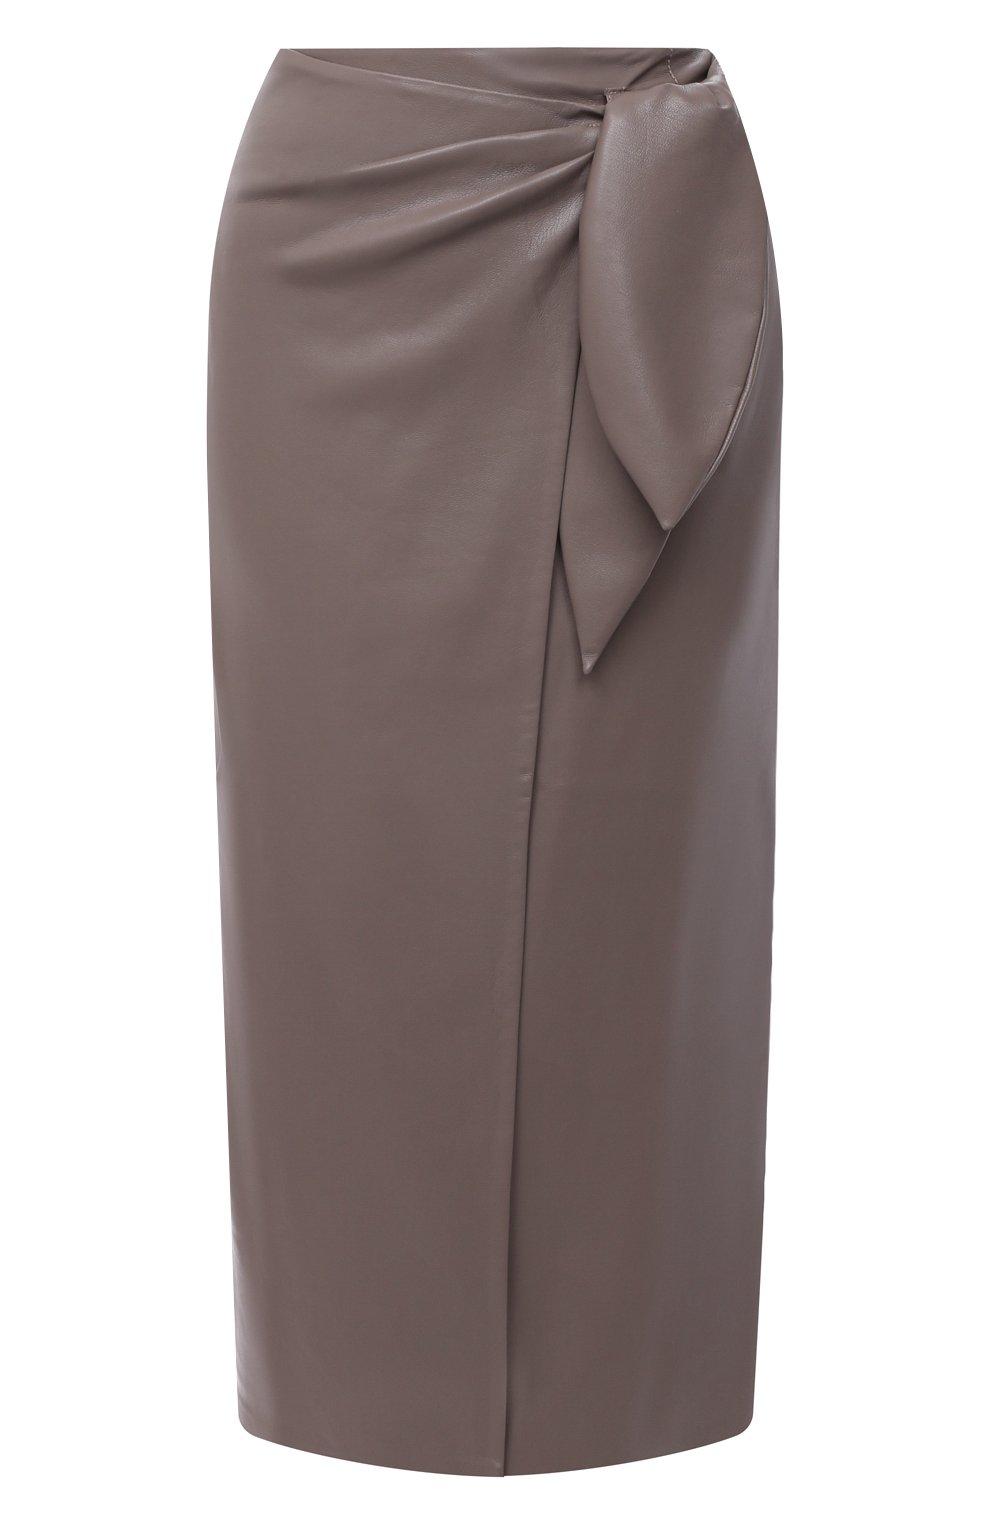 Женская юбка из экокожи NANUSHKA серого цвета, арт. AMAS_CLAY_VEGAN LEATHER | Фото 1